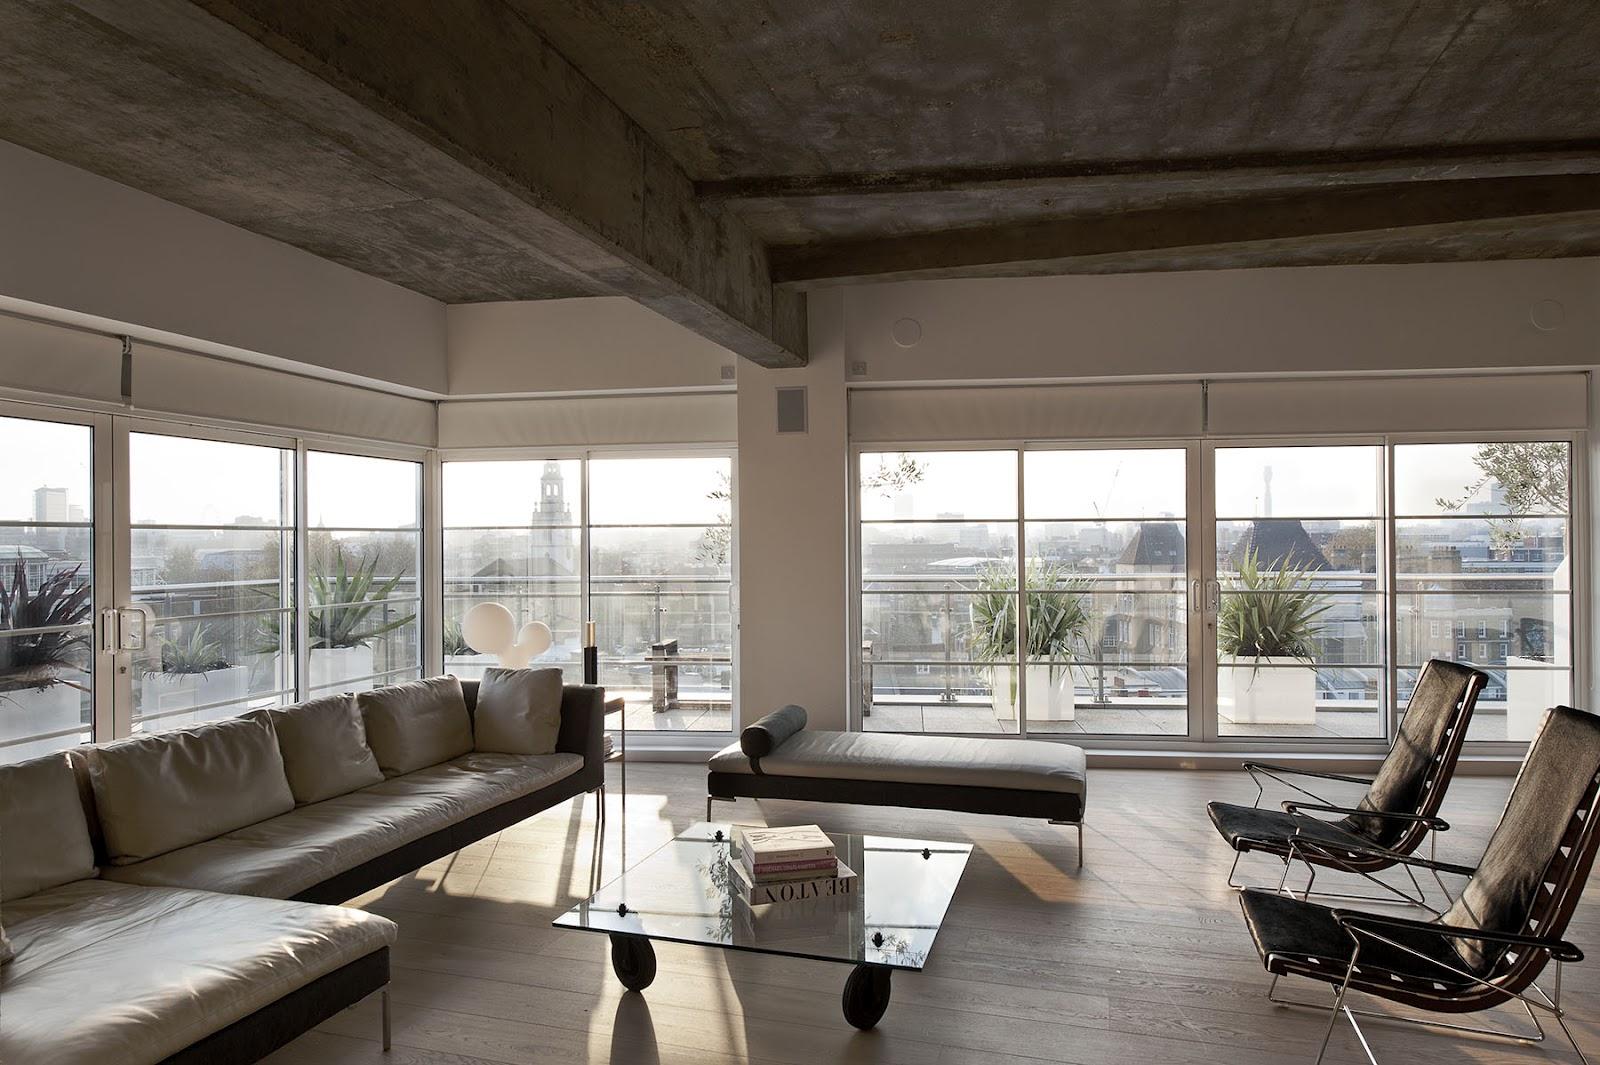 Бетонные потолочные конструкции в интерьере